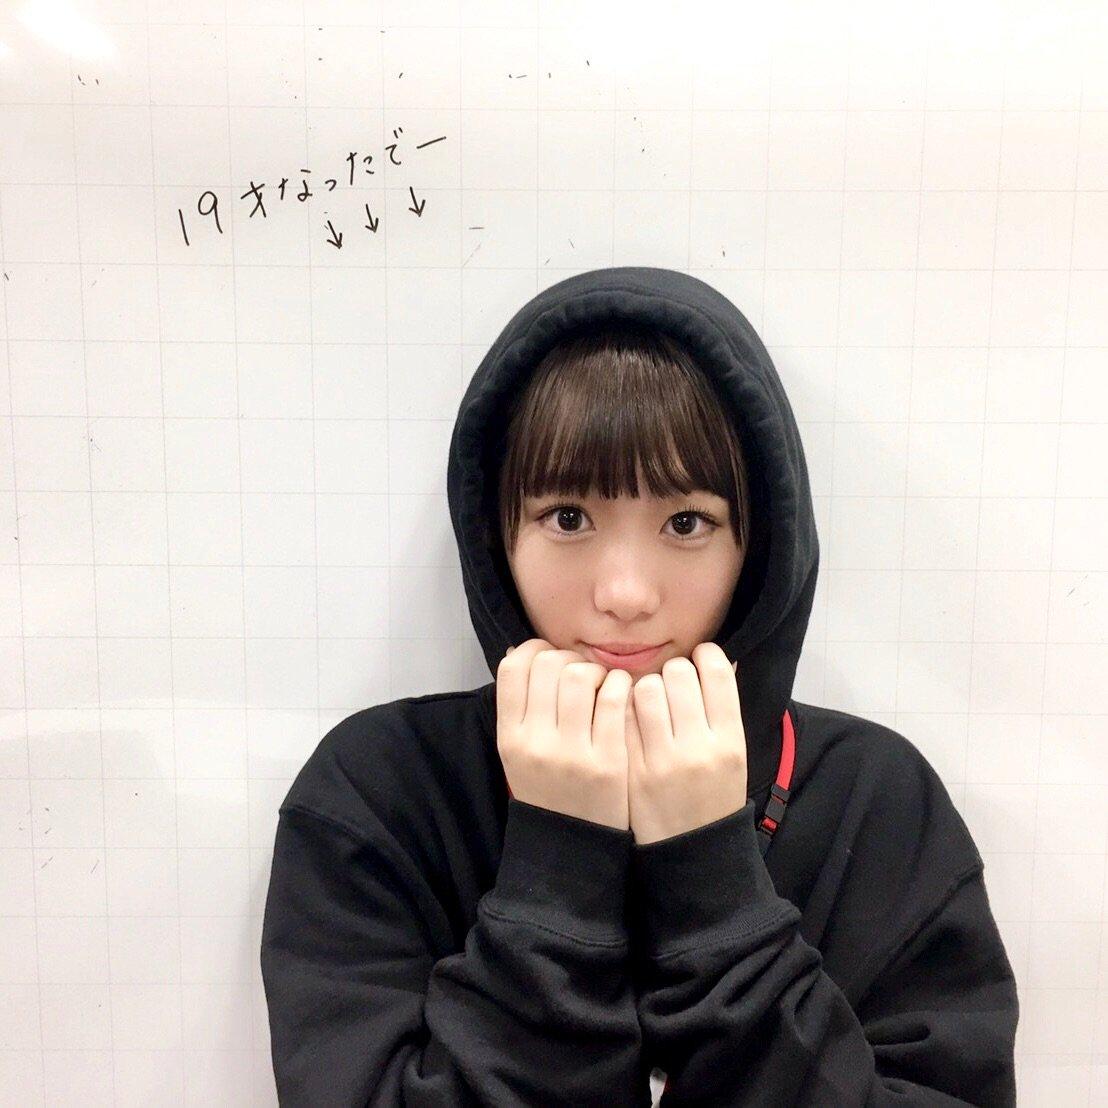 本日11月14日(火)25:00からMBSラジオ「ザ・ヒットスタジオ」小池美波レギュラー生放送です🌟…